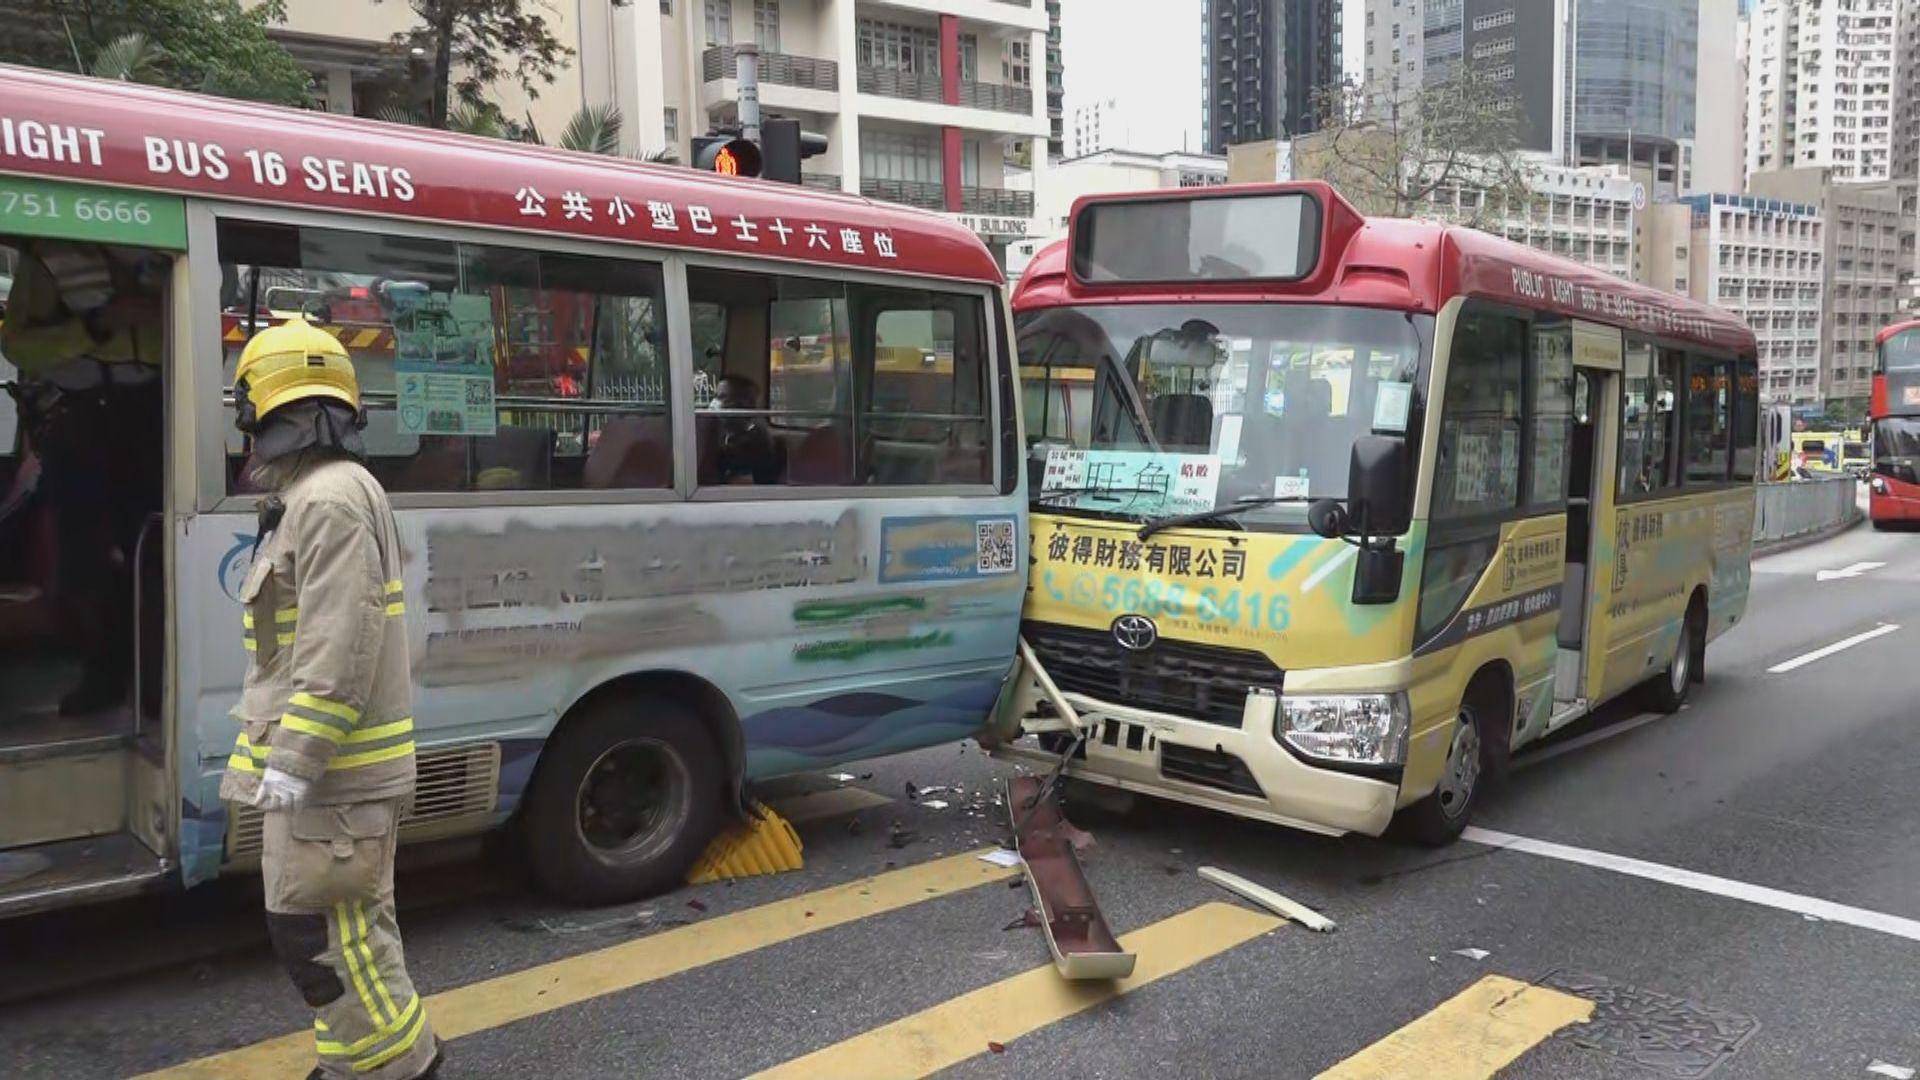 何文田培正道小巴相撞 14人受輕傷